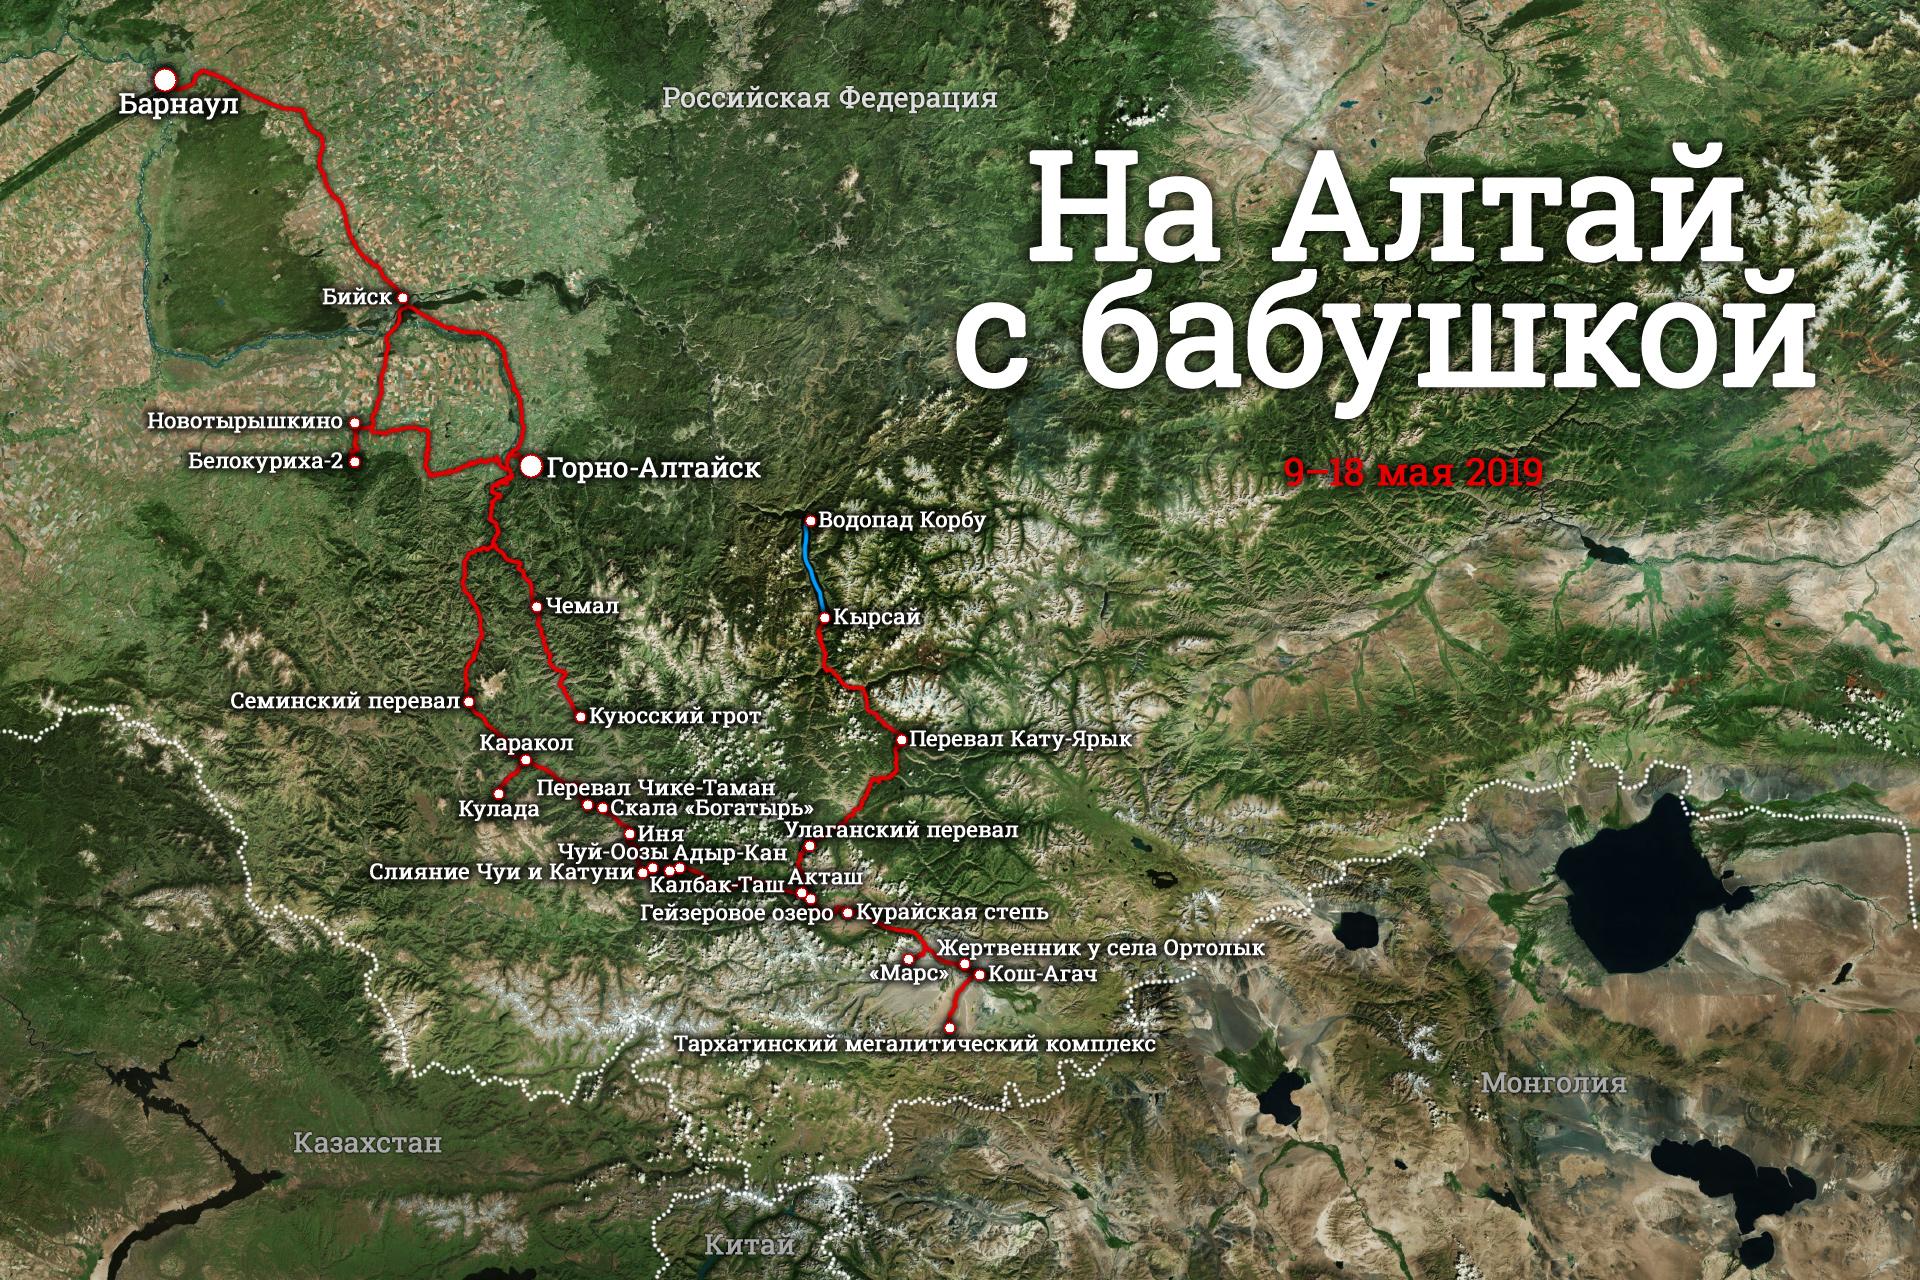 Маршрут путешествия «На Алтай с бабушкой»